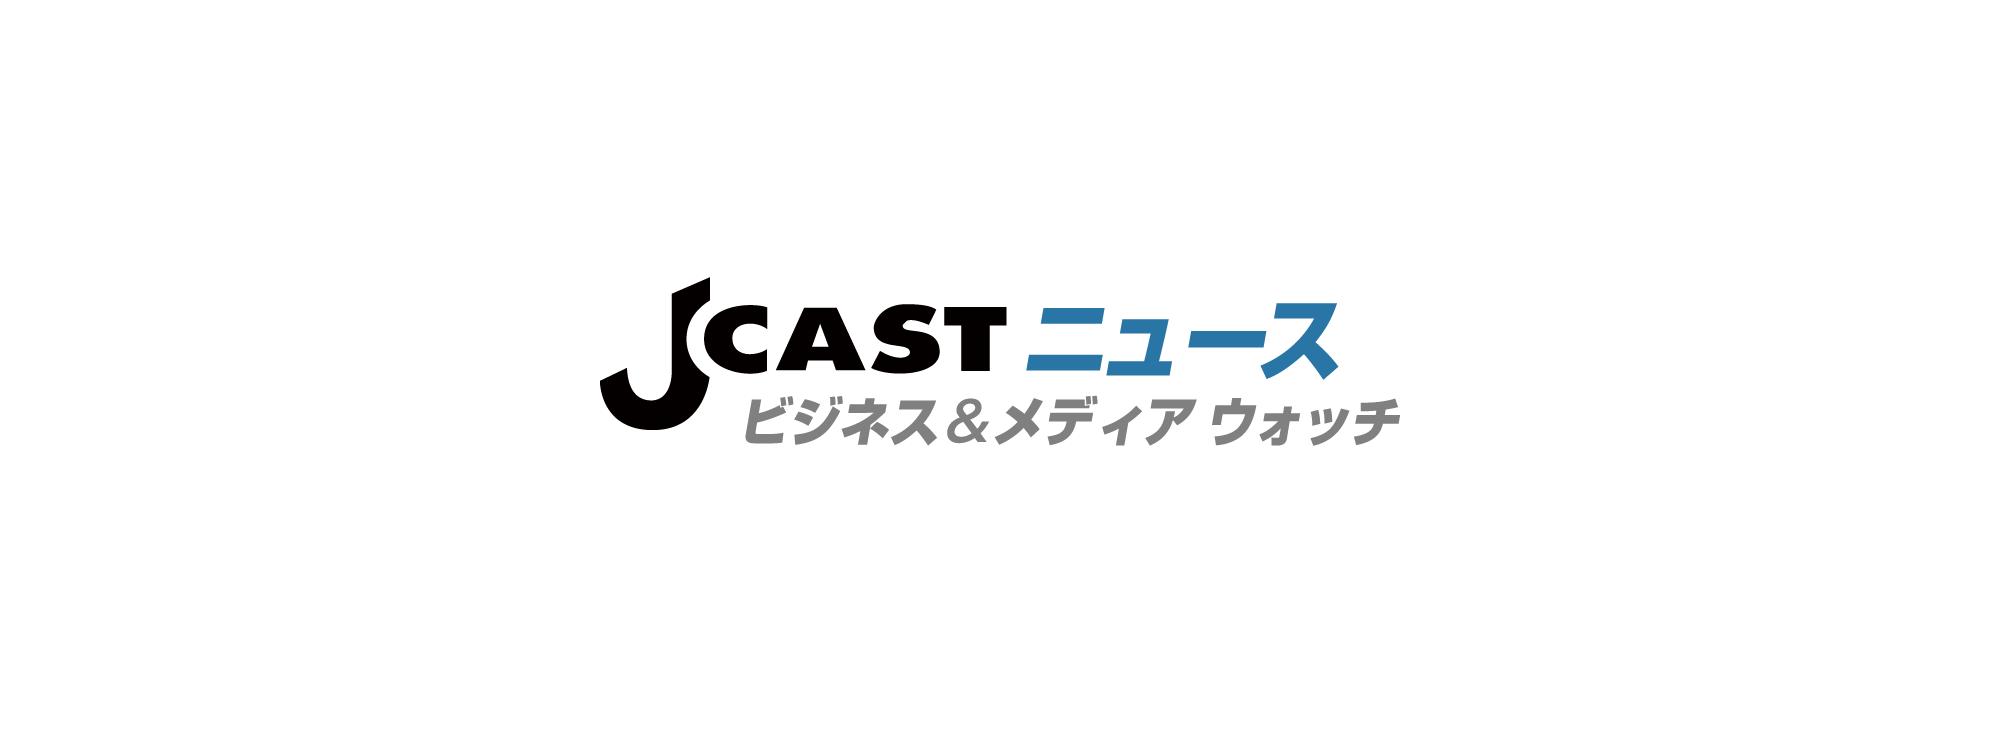 東京メトロと都営地下鉄、全車両に「防犯カメラ」設置  : J-CASTニュース